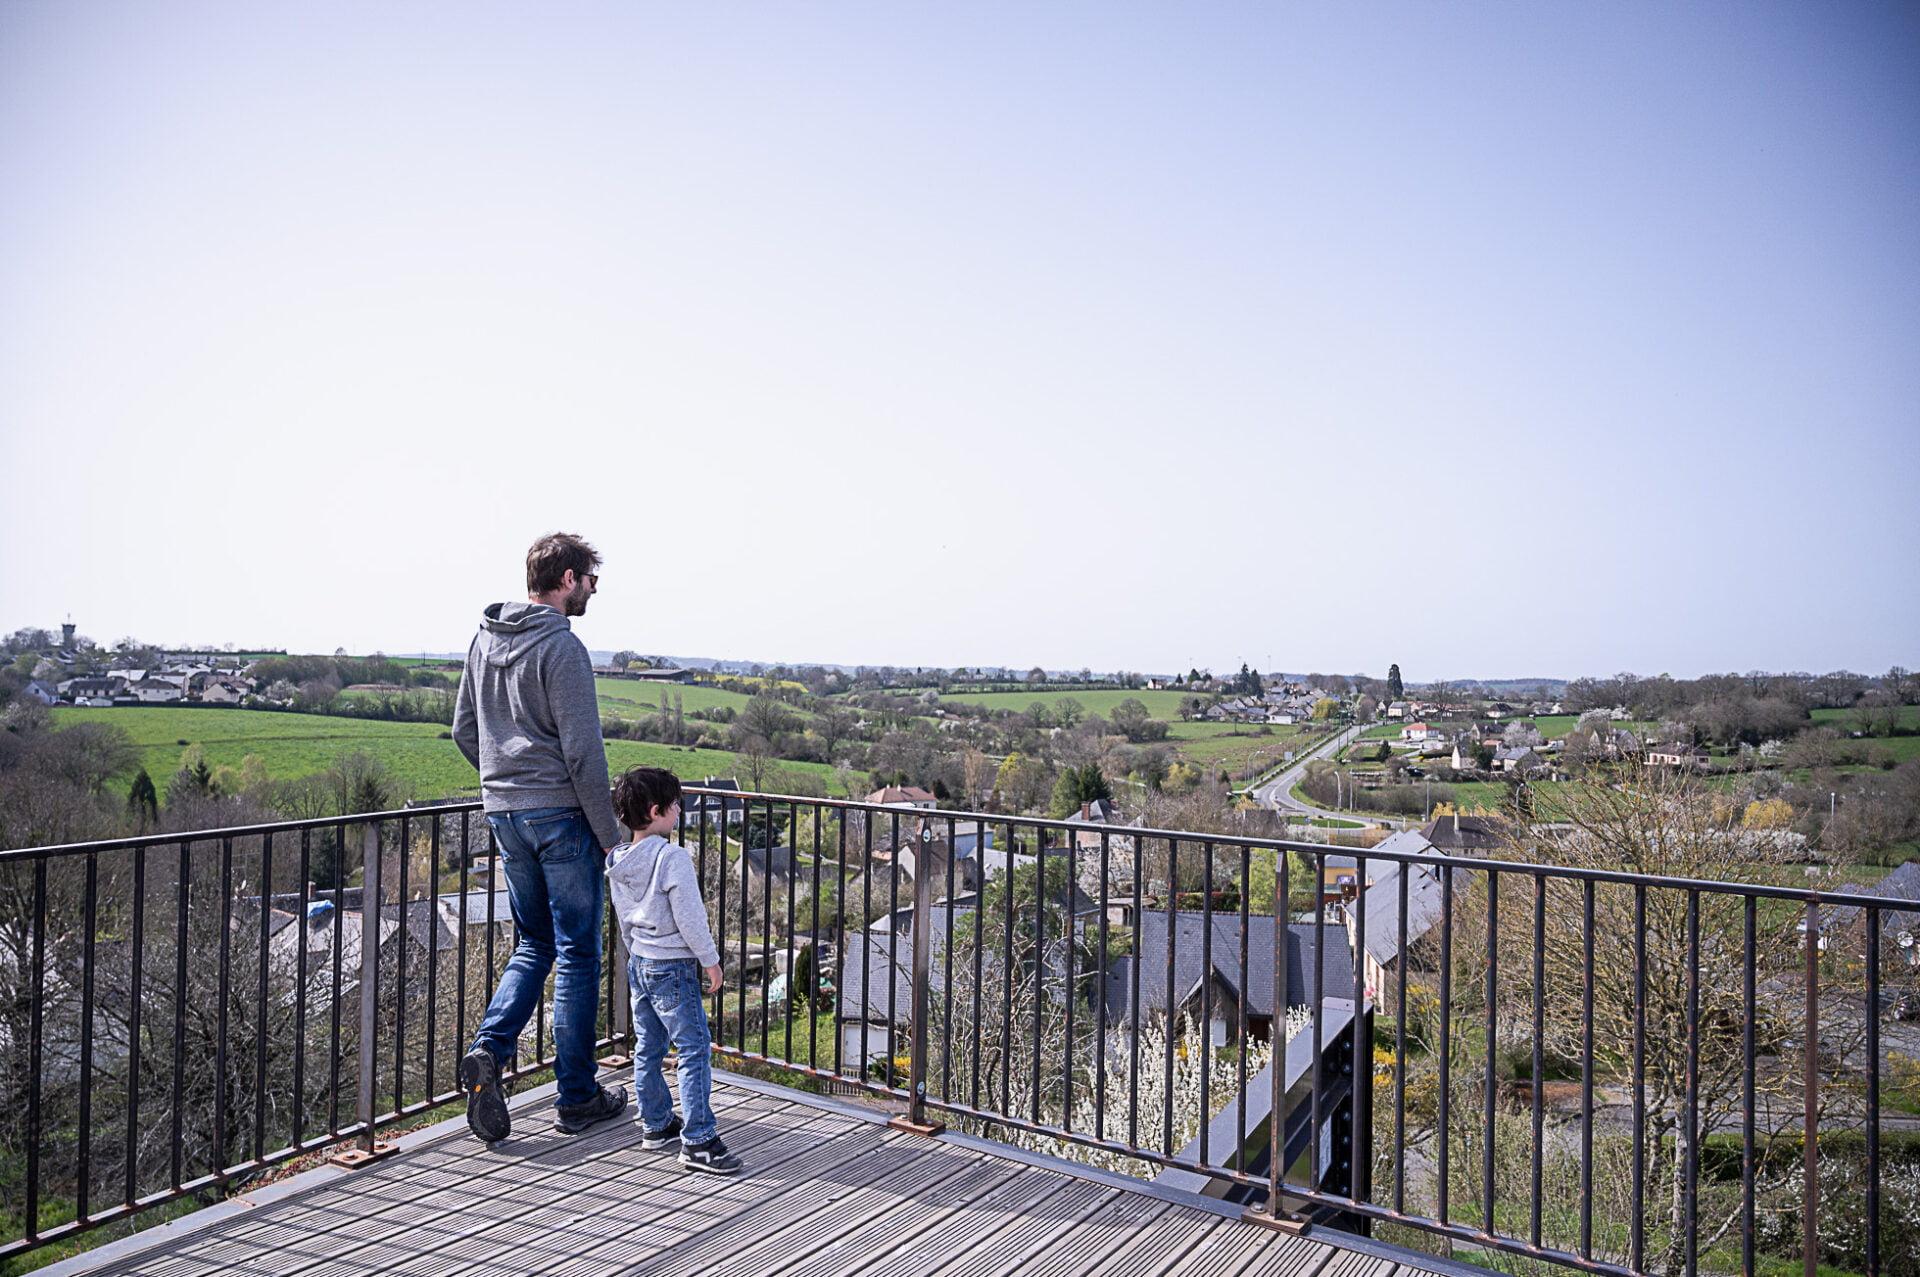 donjon Villaines la Juhel - Alpes mancelles